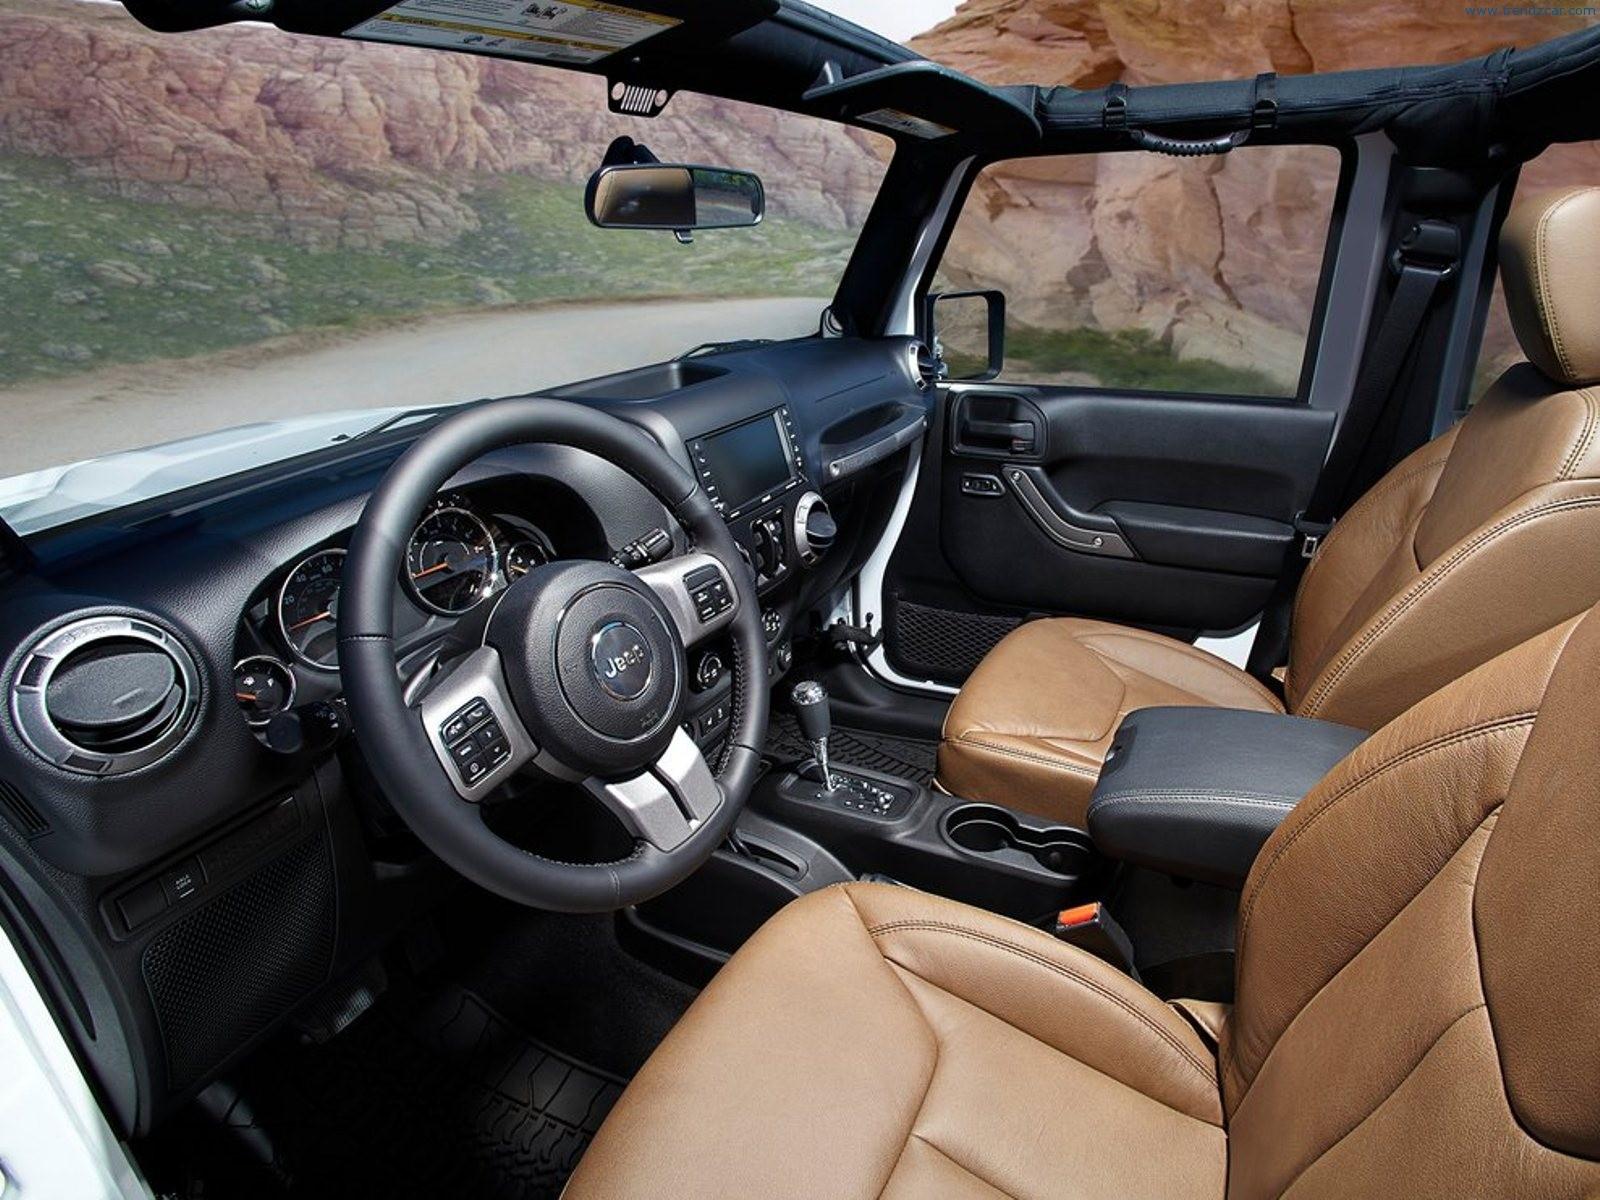 Jeep Wrangler Unlimited 2014: comodidad, desempeño ...